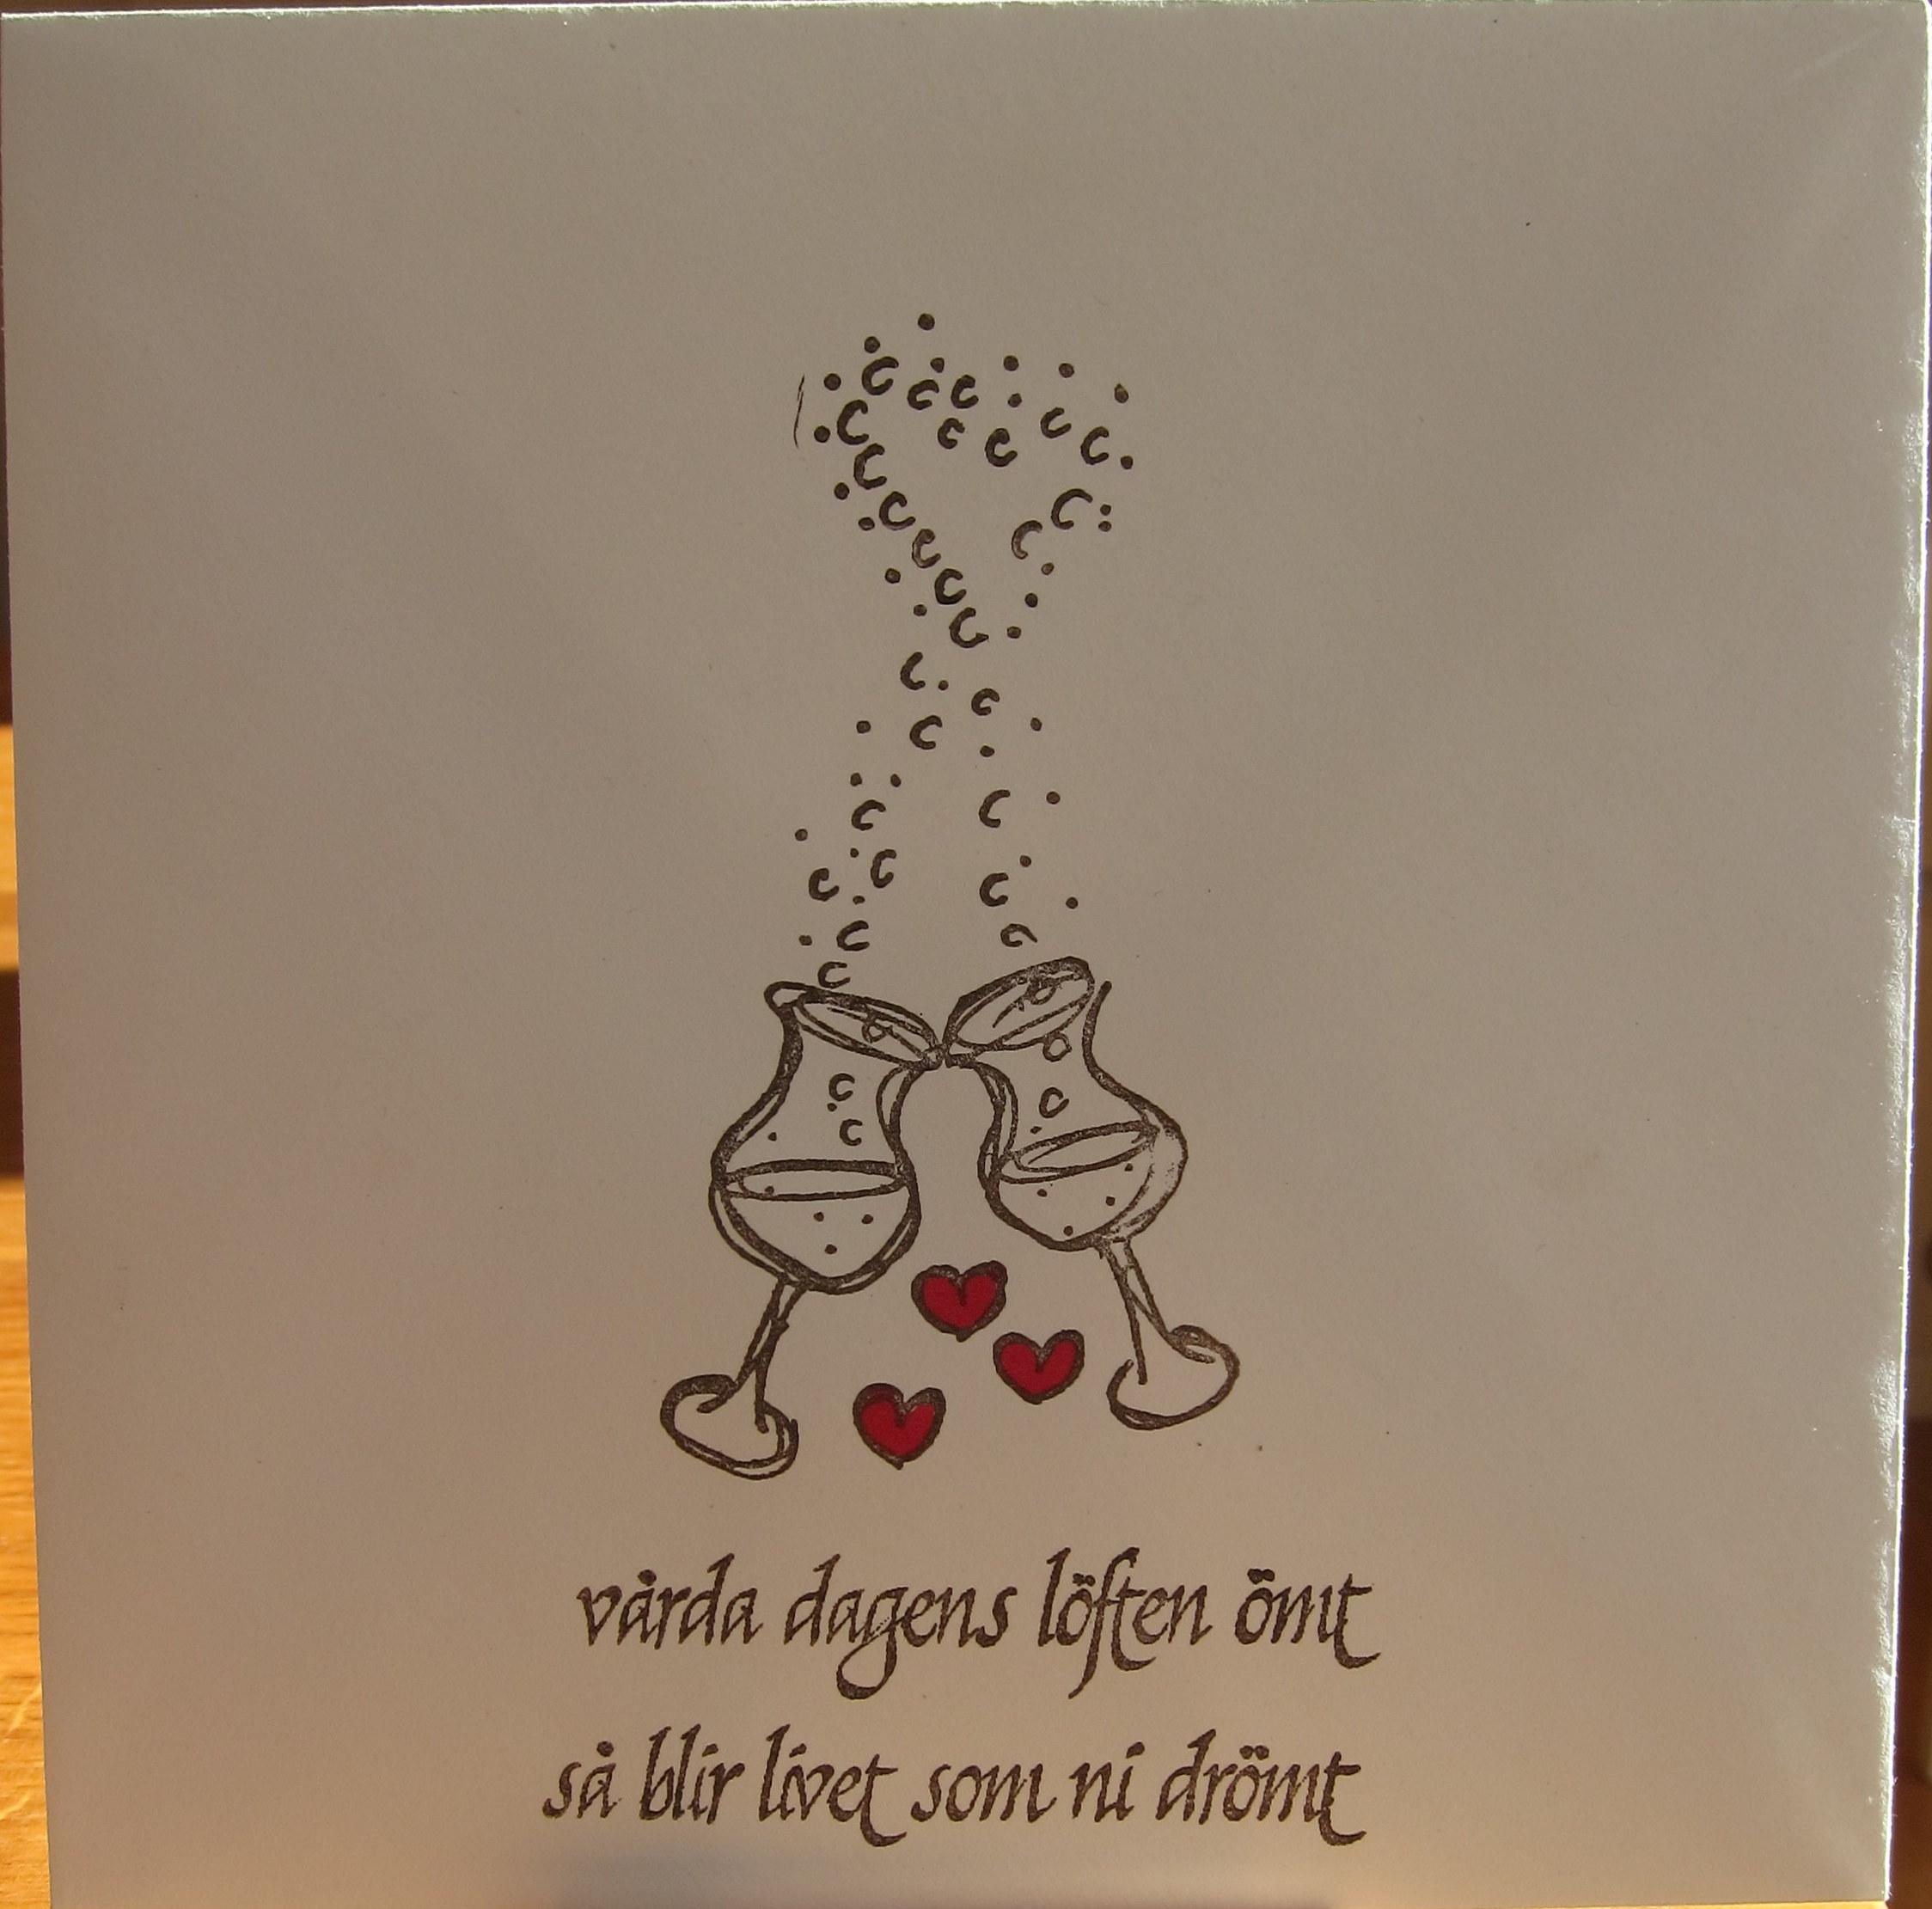 grattis till brudparet kort Kort till ett Brudpar | Pyssel Karin grattis till brudparet kort